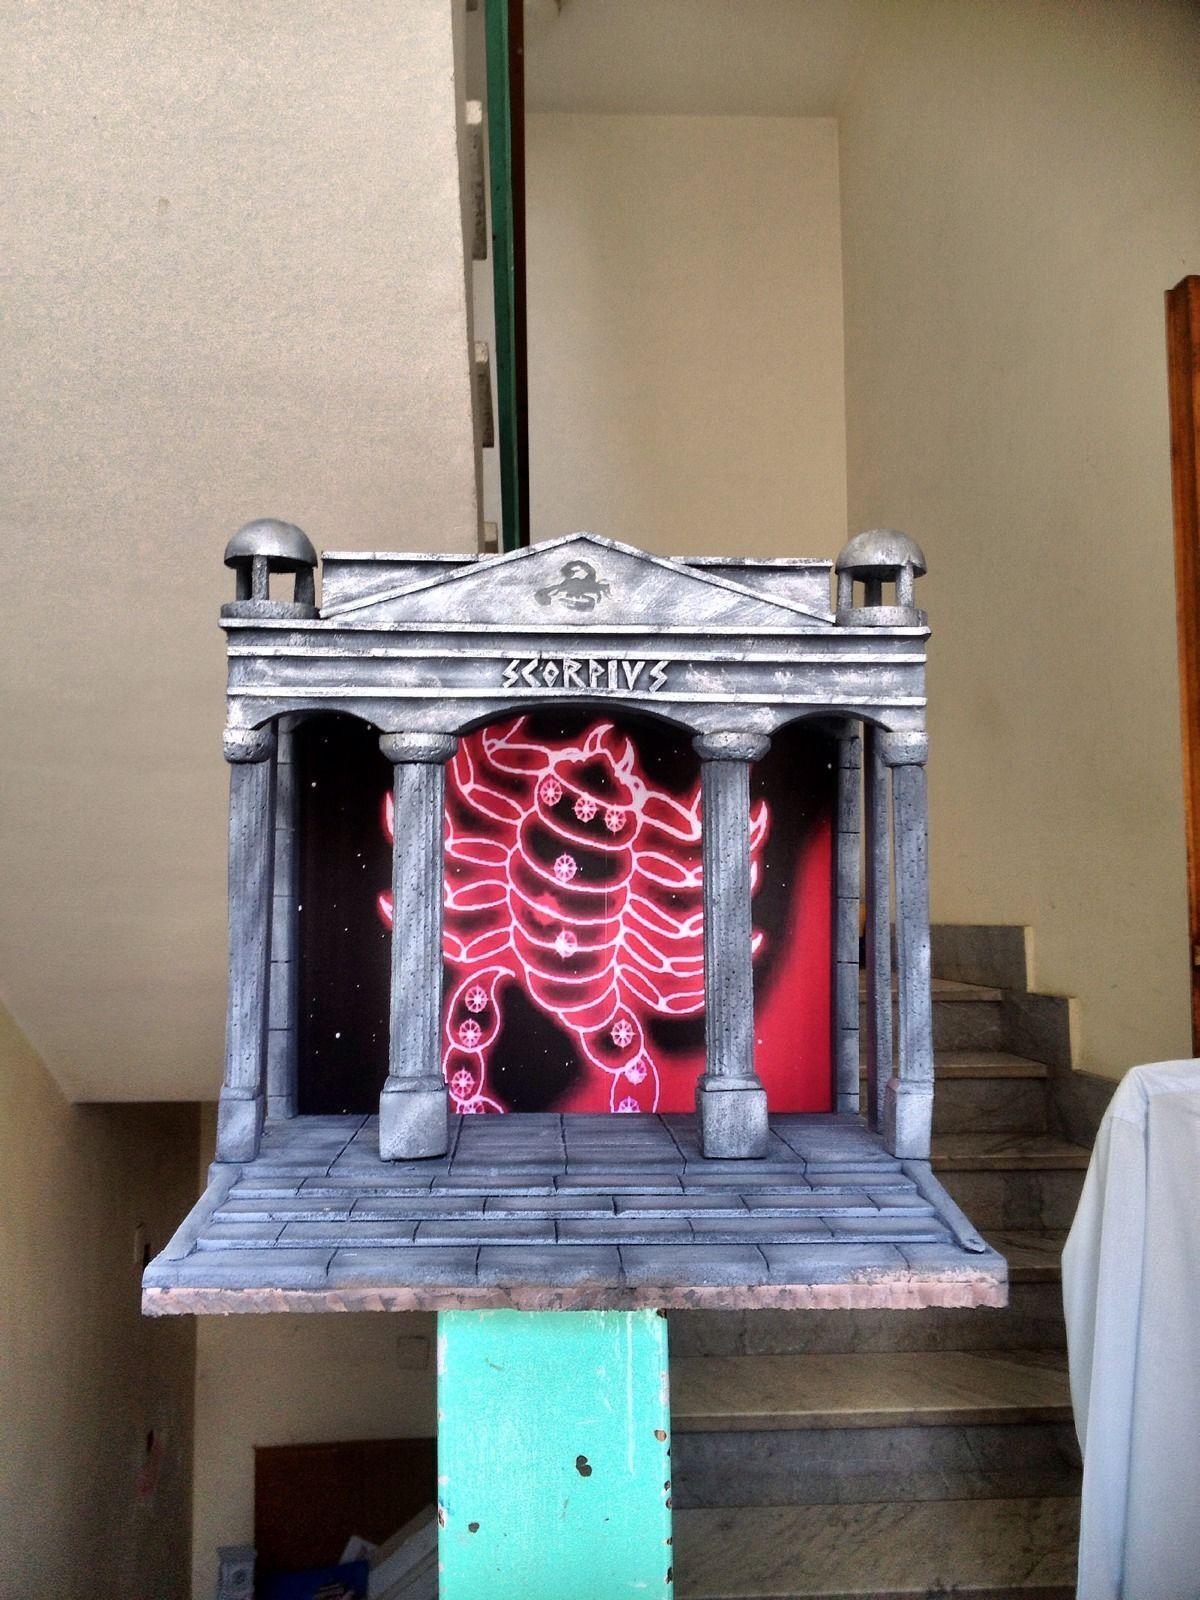 Diorama Decoration Scene Myth Cloth Saint Seiya Casa Di Scorpio/Milo